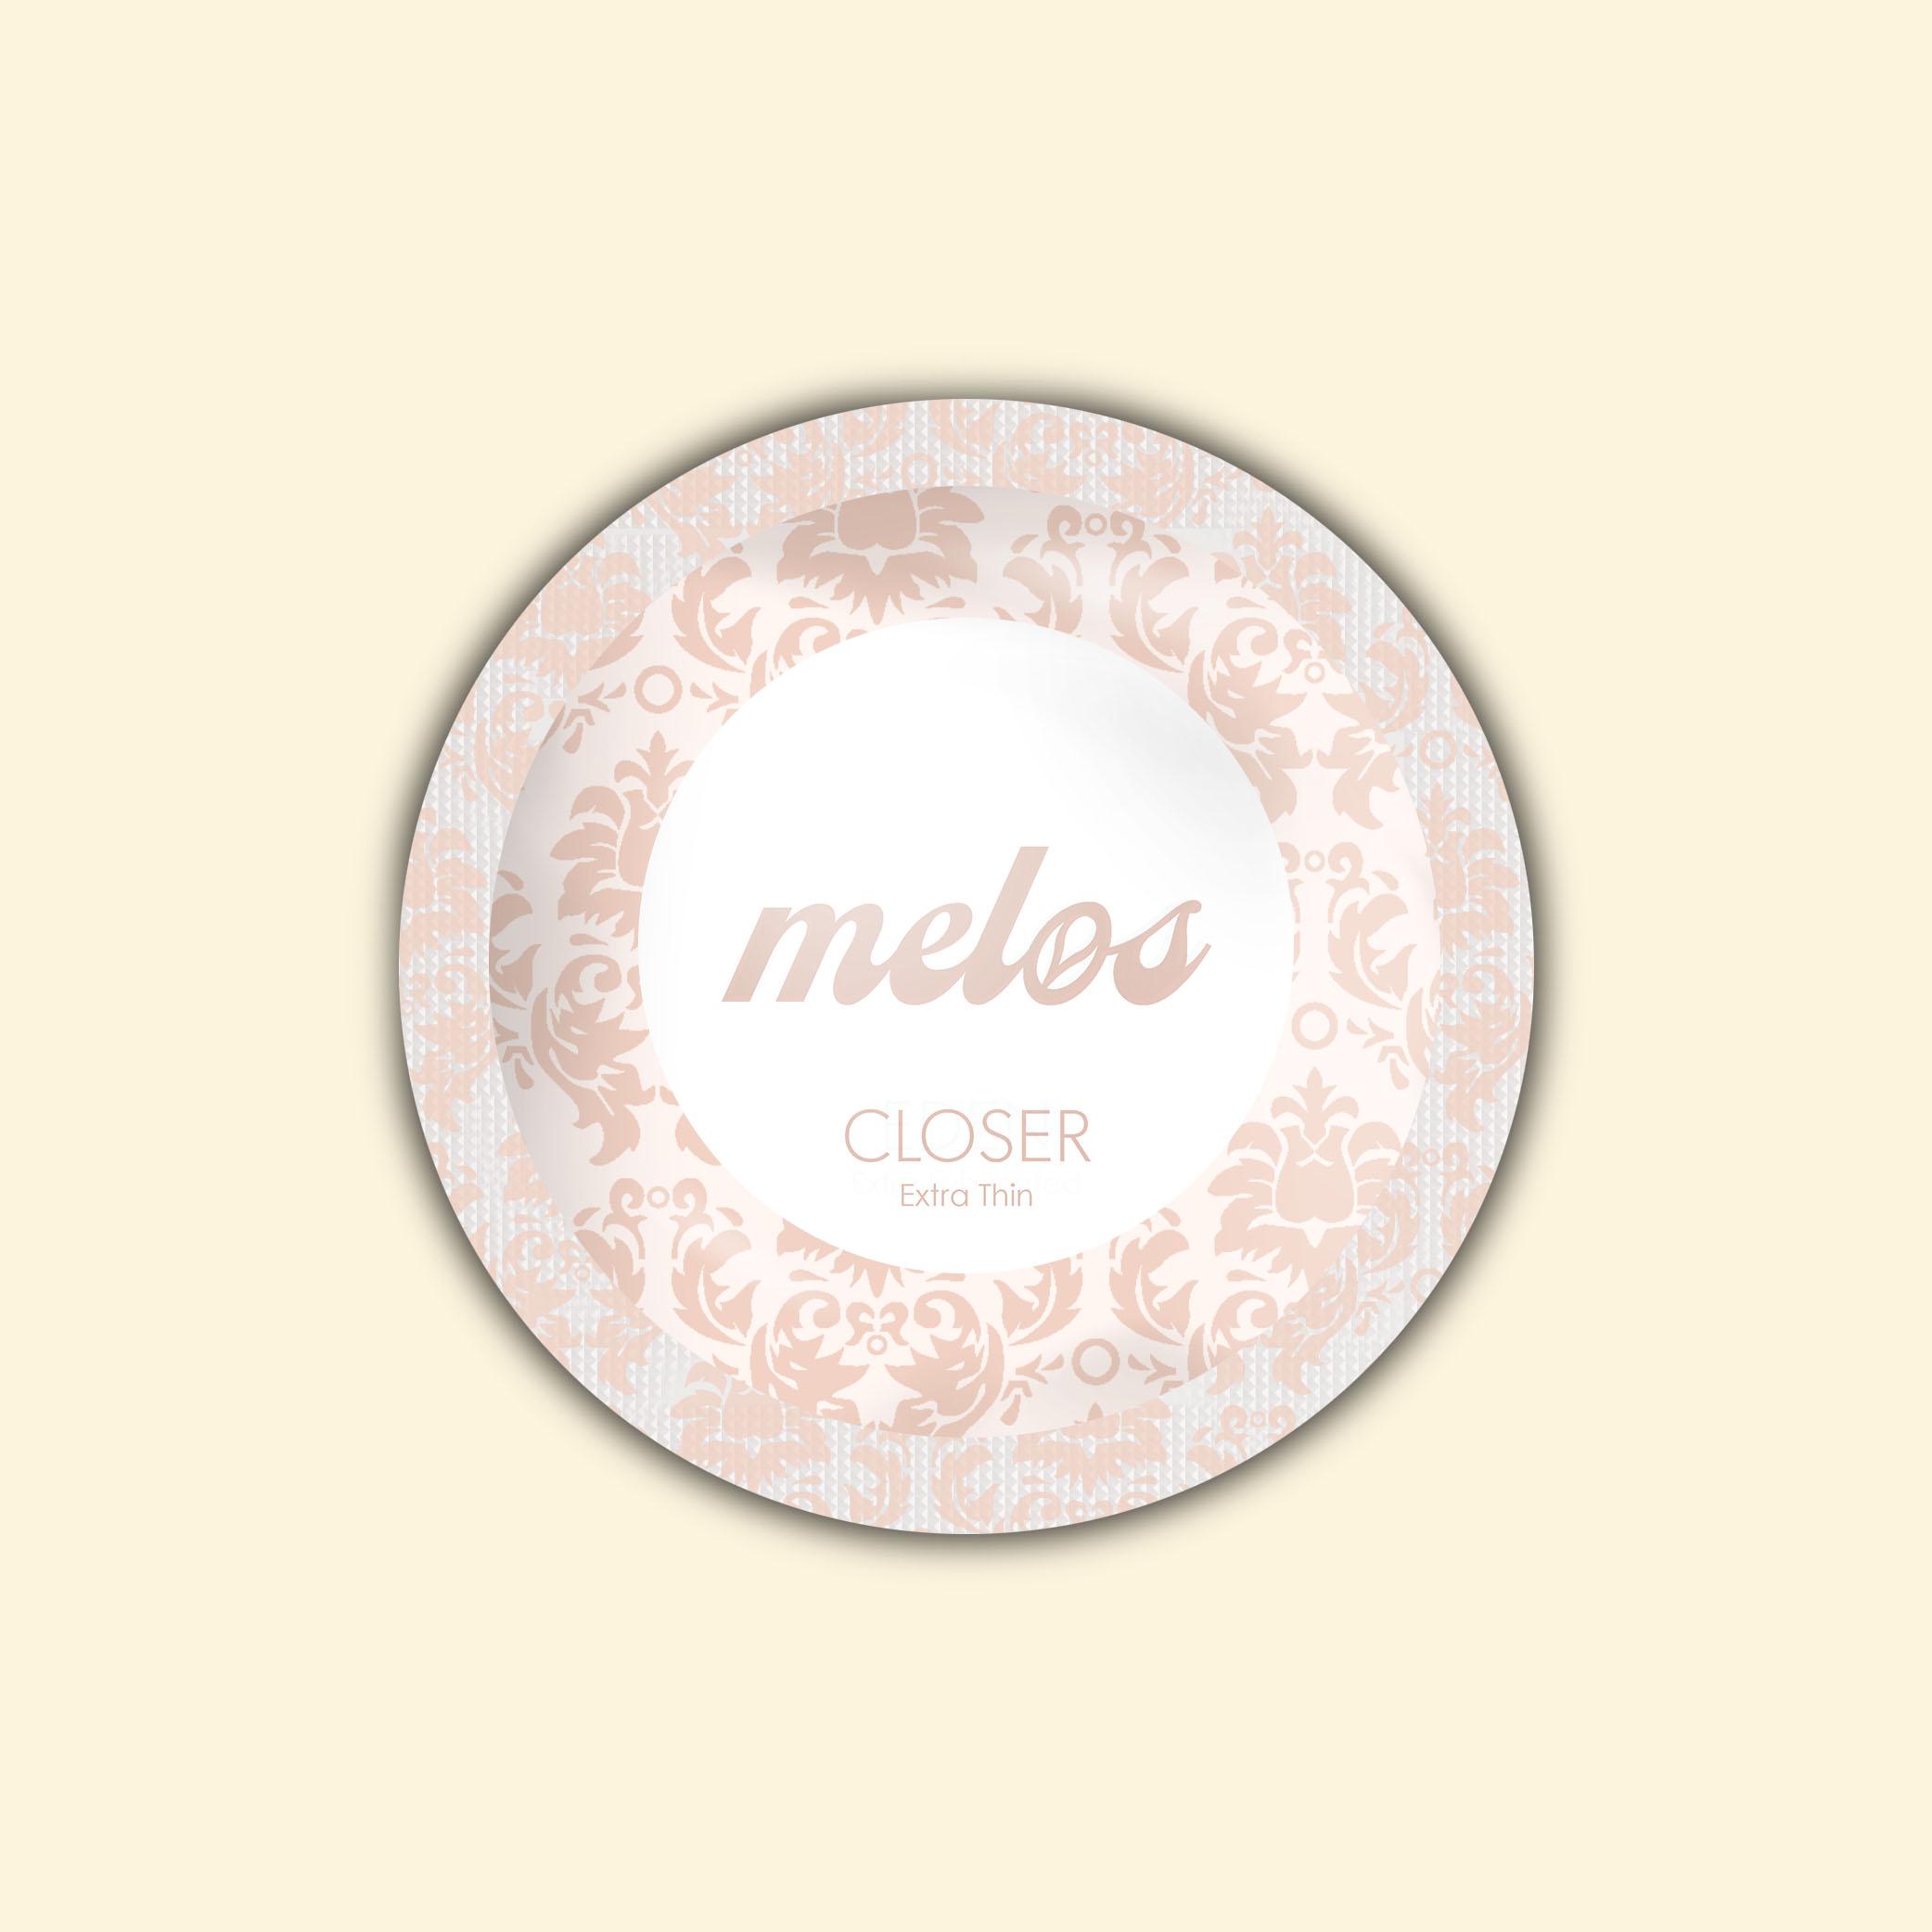 Melos_CLOSER_Pack Mockup.jpg